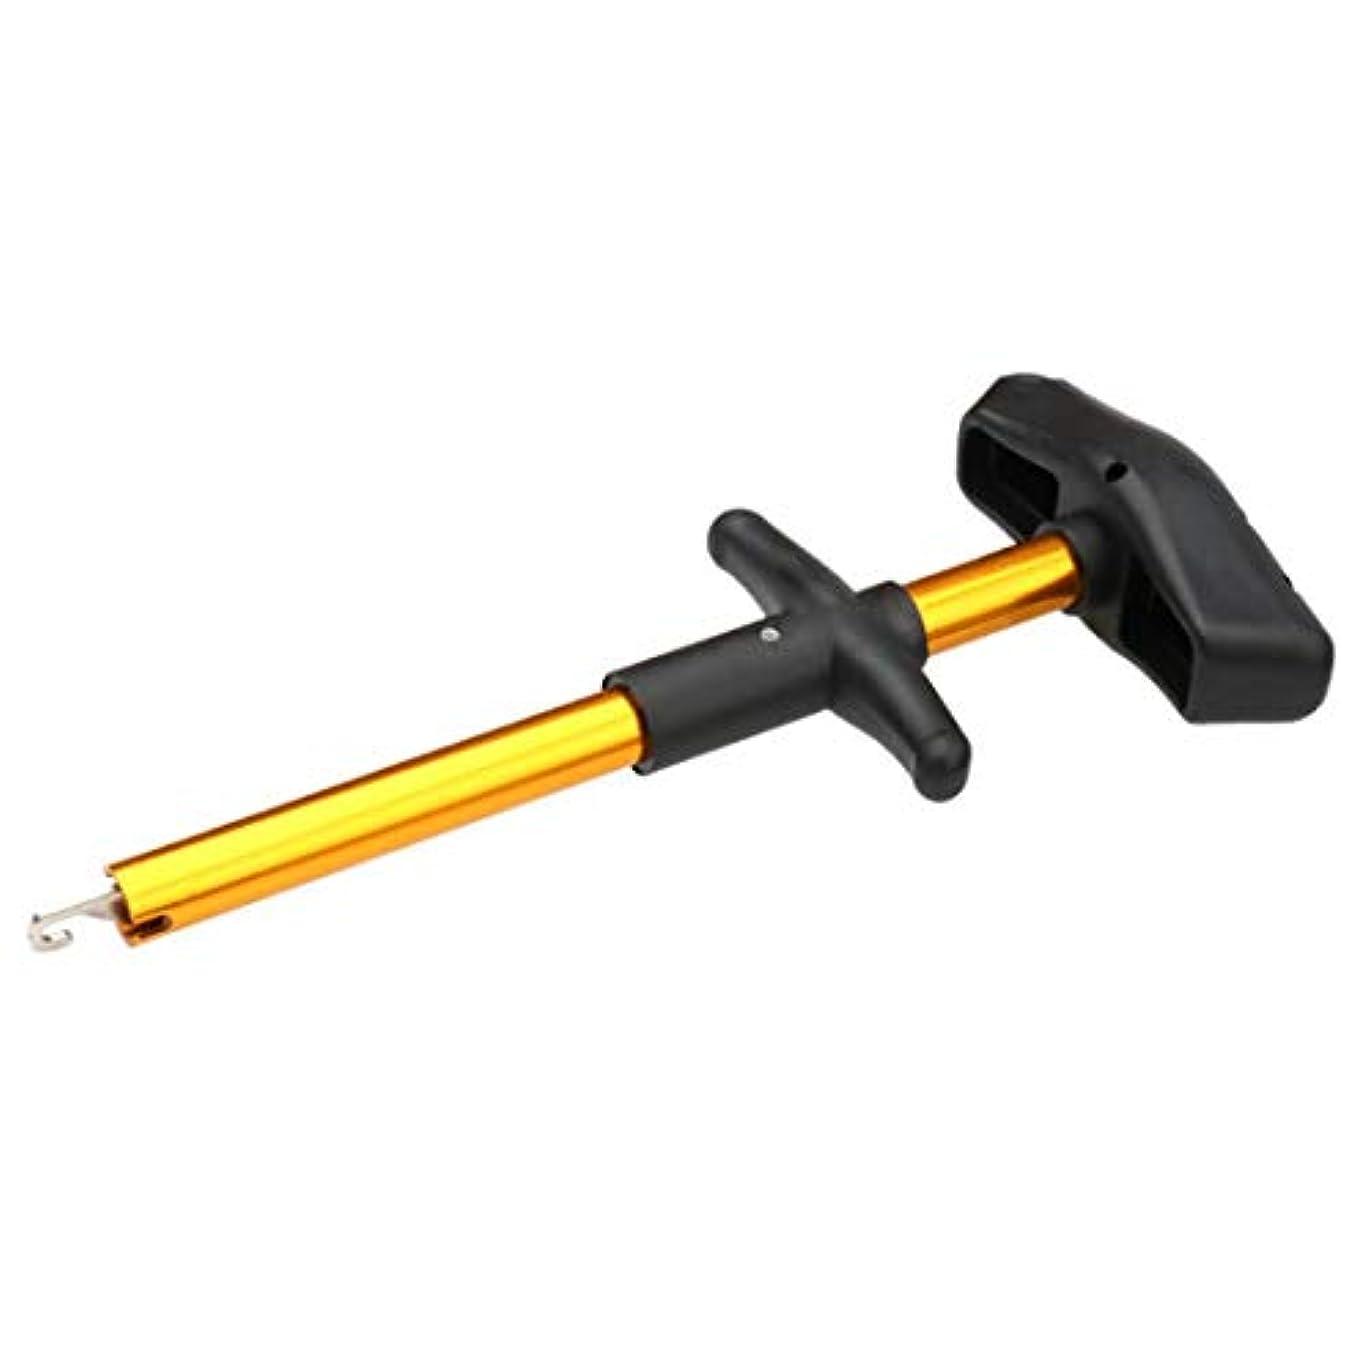 きょうだいマーキーフォルダノウ建材貿易 釣り糸ツールマニュアルアルミ棒を使ったロードサブ用結び目ツール (色 : イエロー)